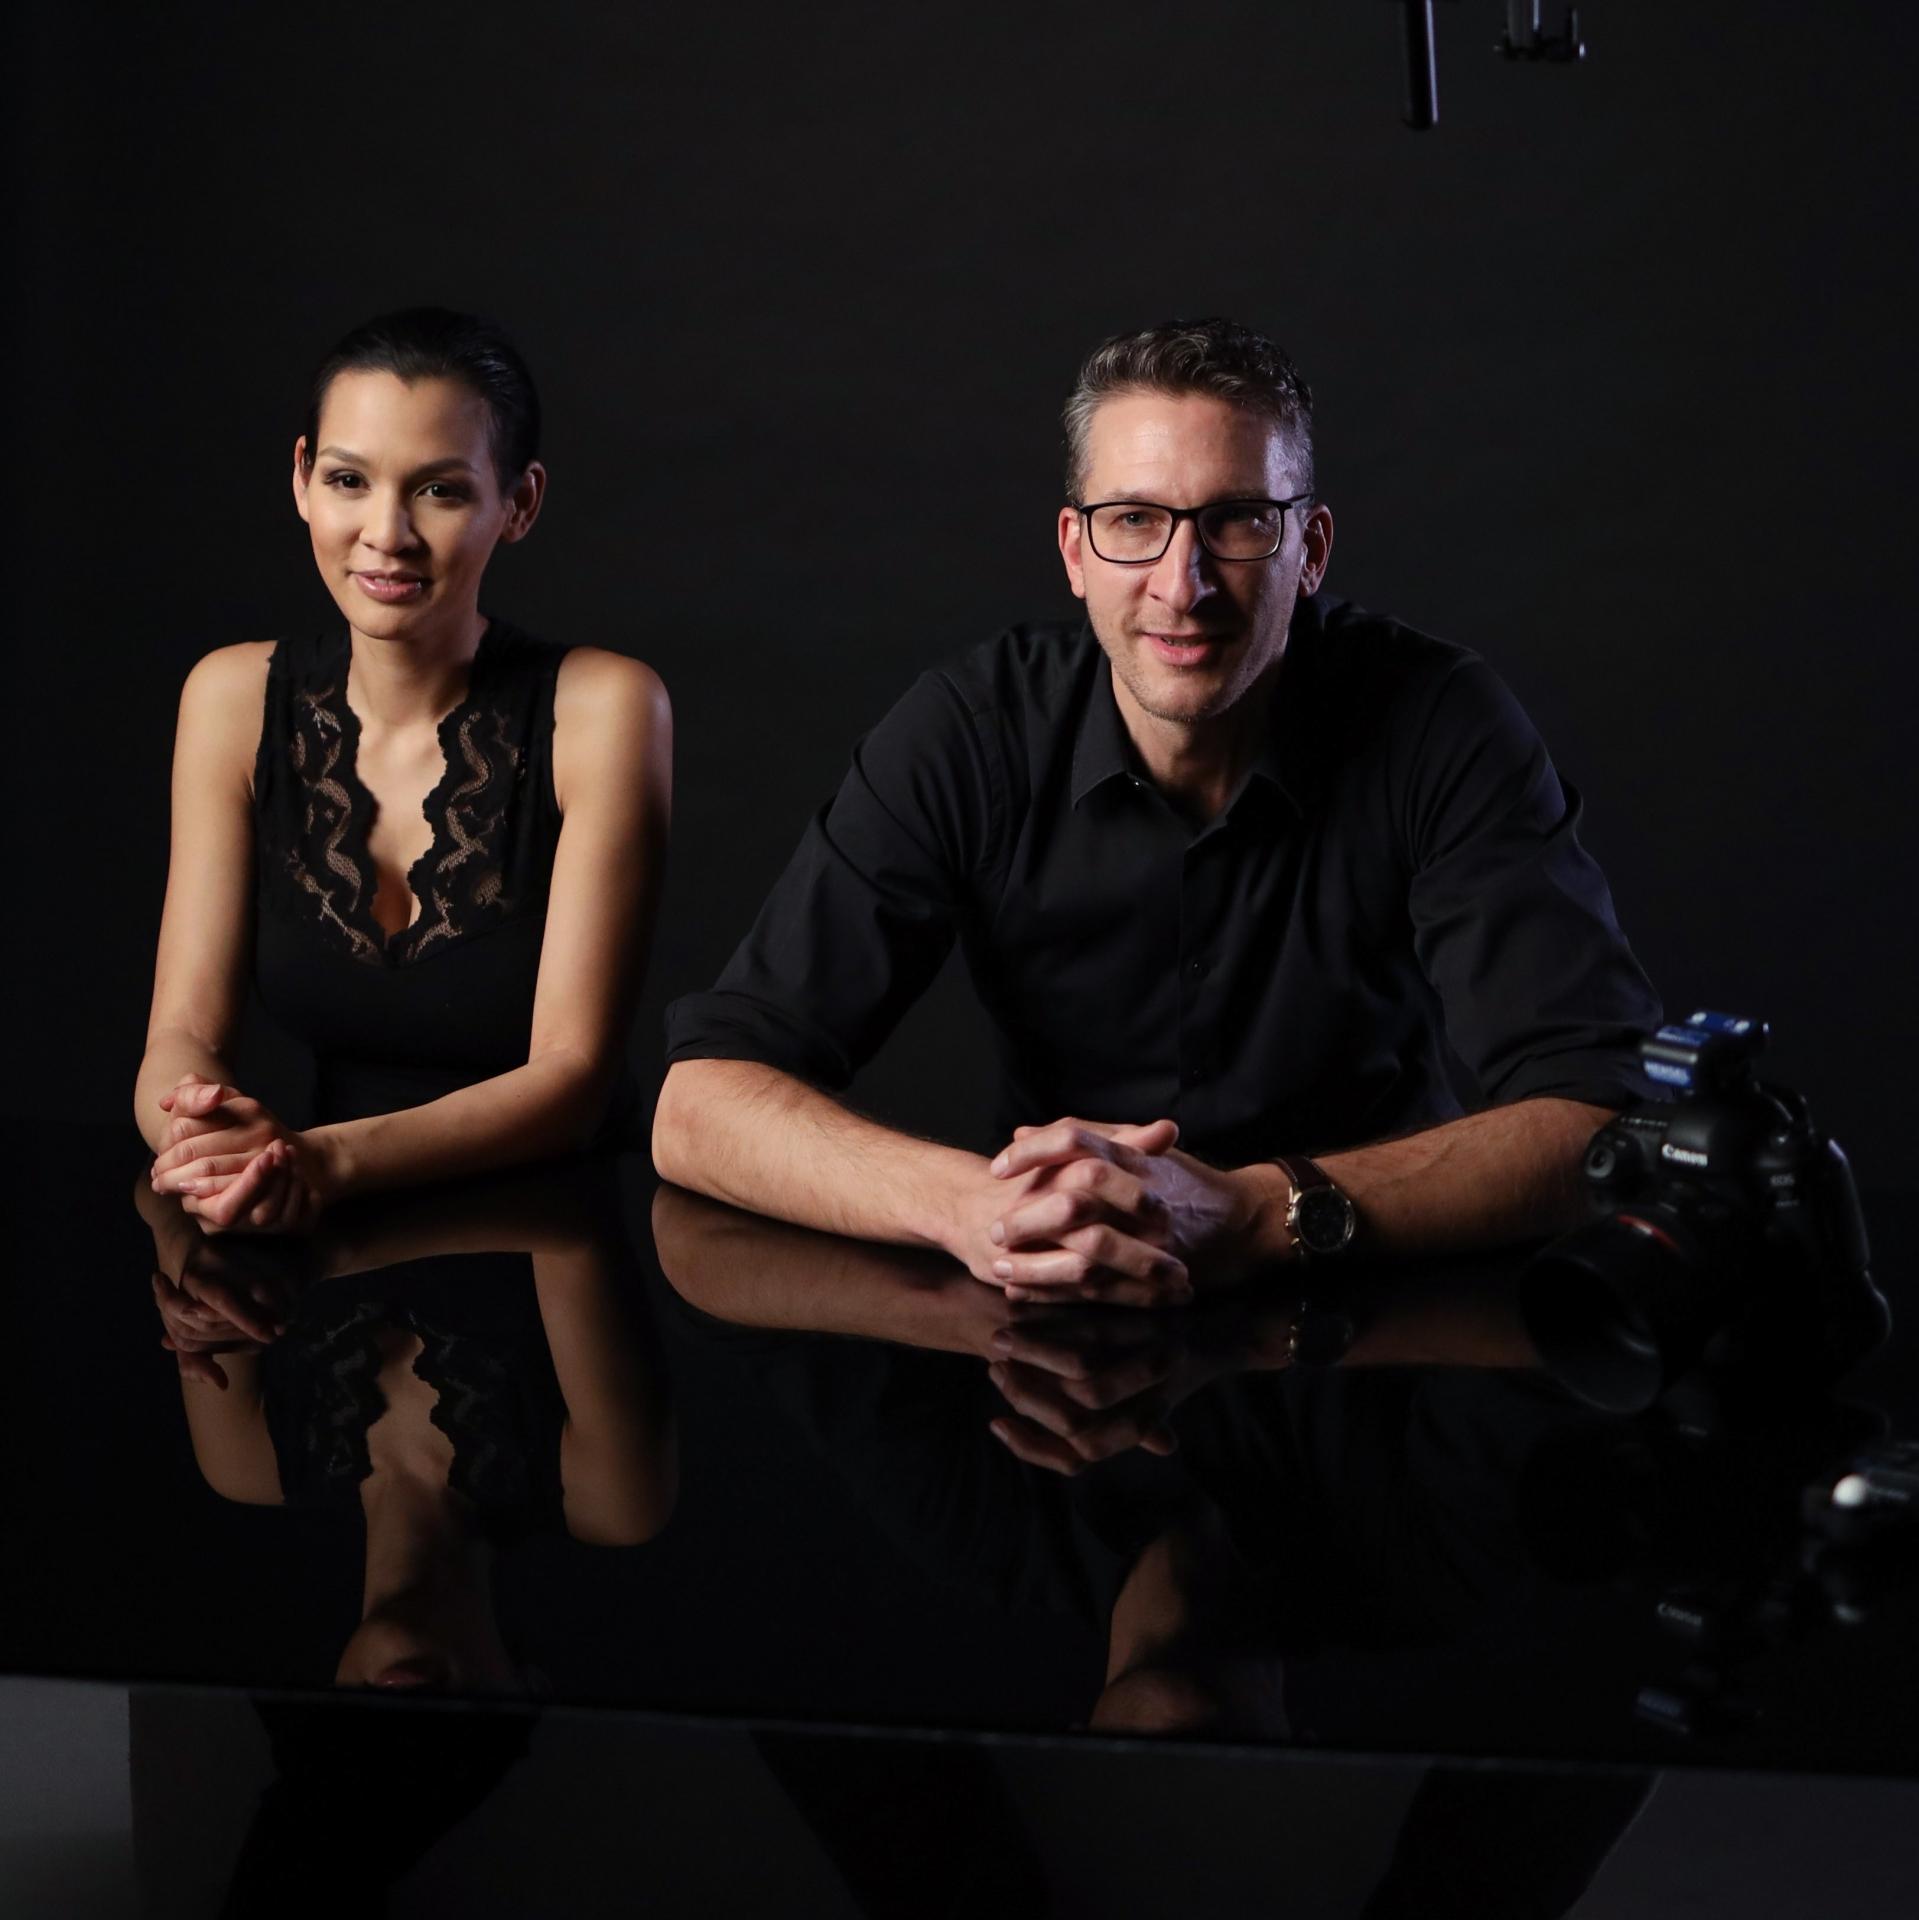 Sascha Hüttenhain und Modell Martina am Foto-Set für die Mehrfachbelichtung